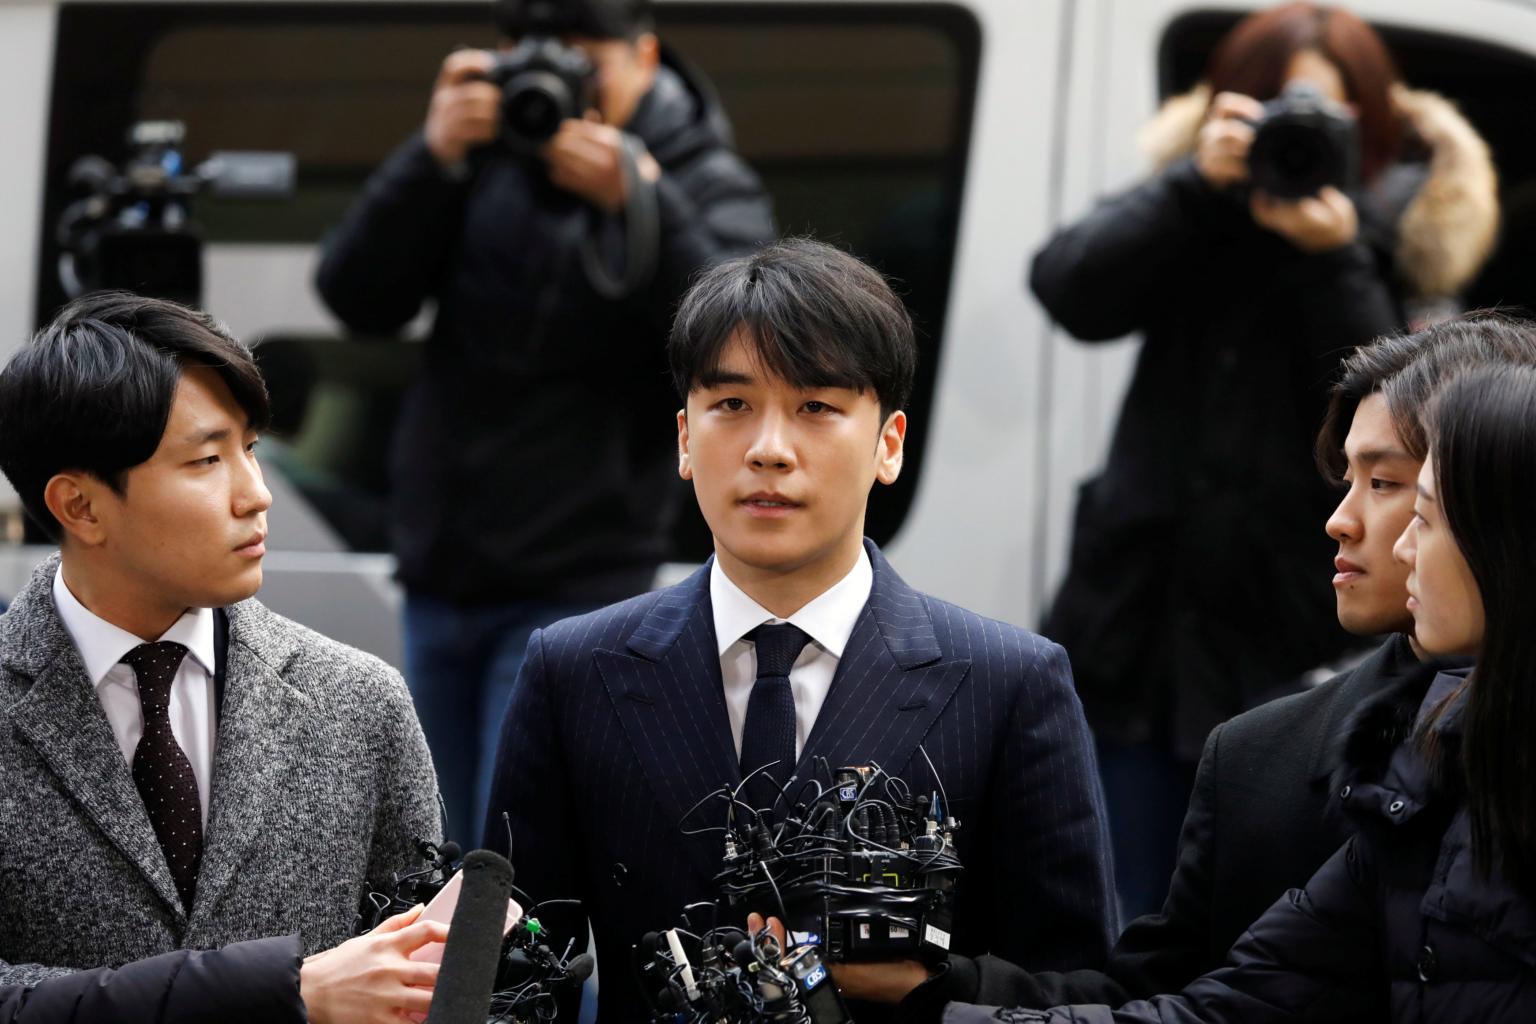 La policía coreana emite orden de arresto contra Seungri, ex integrante de BigBang